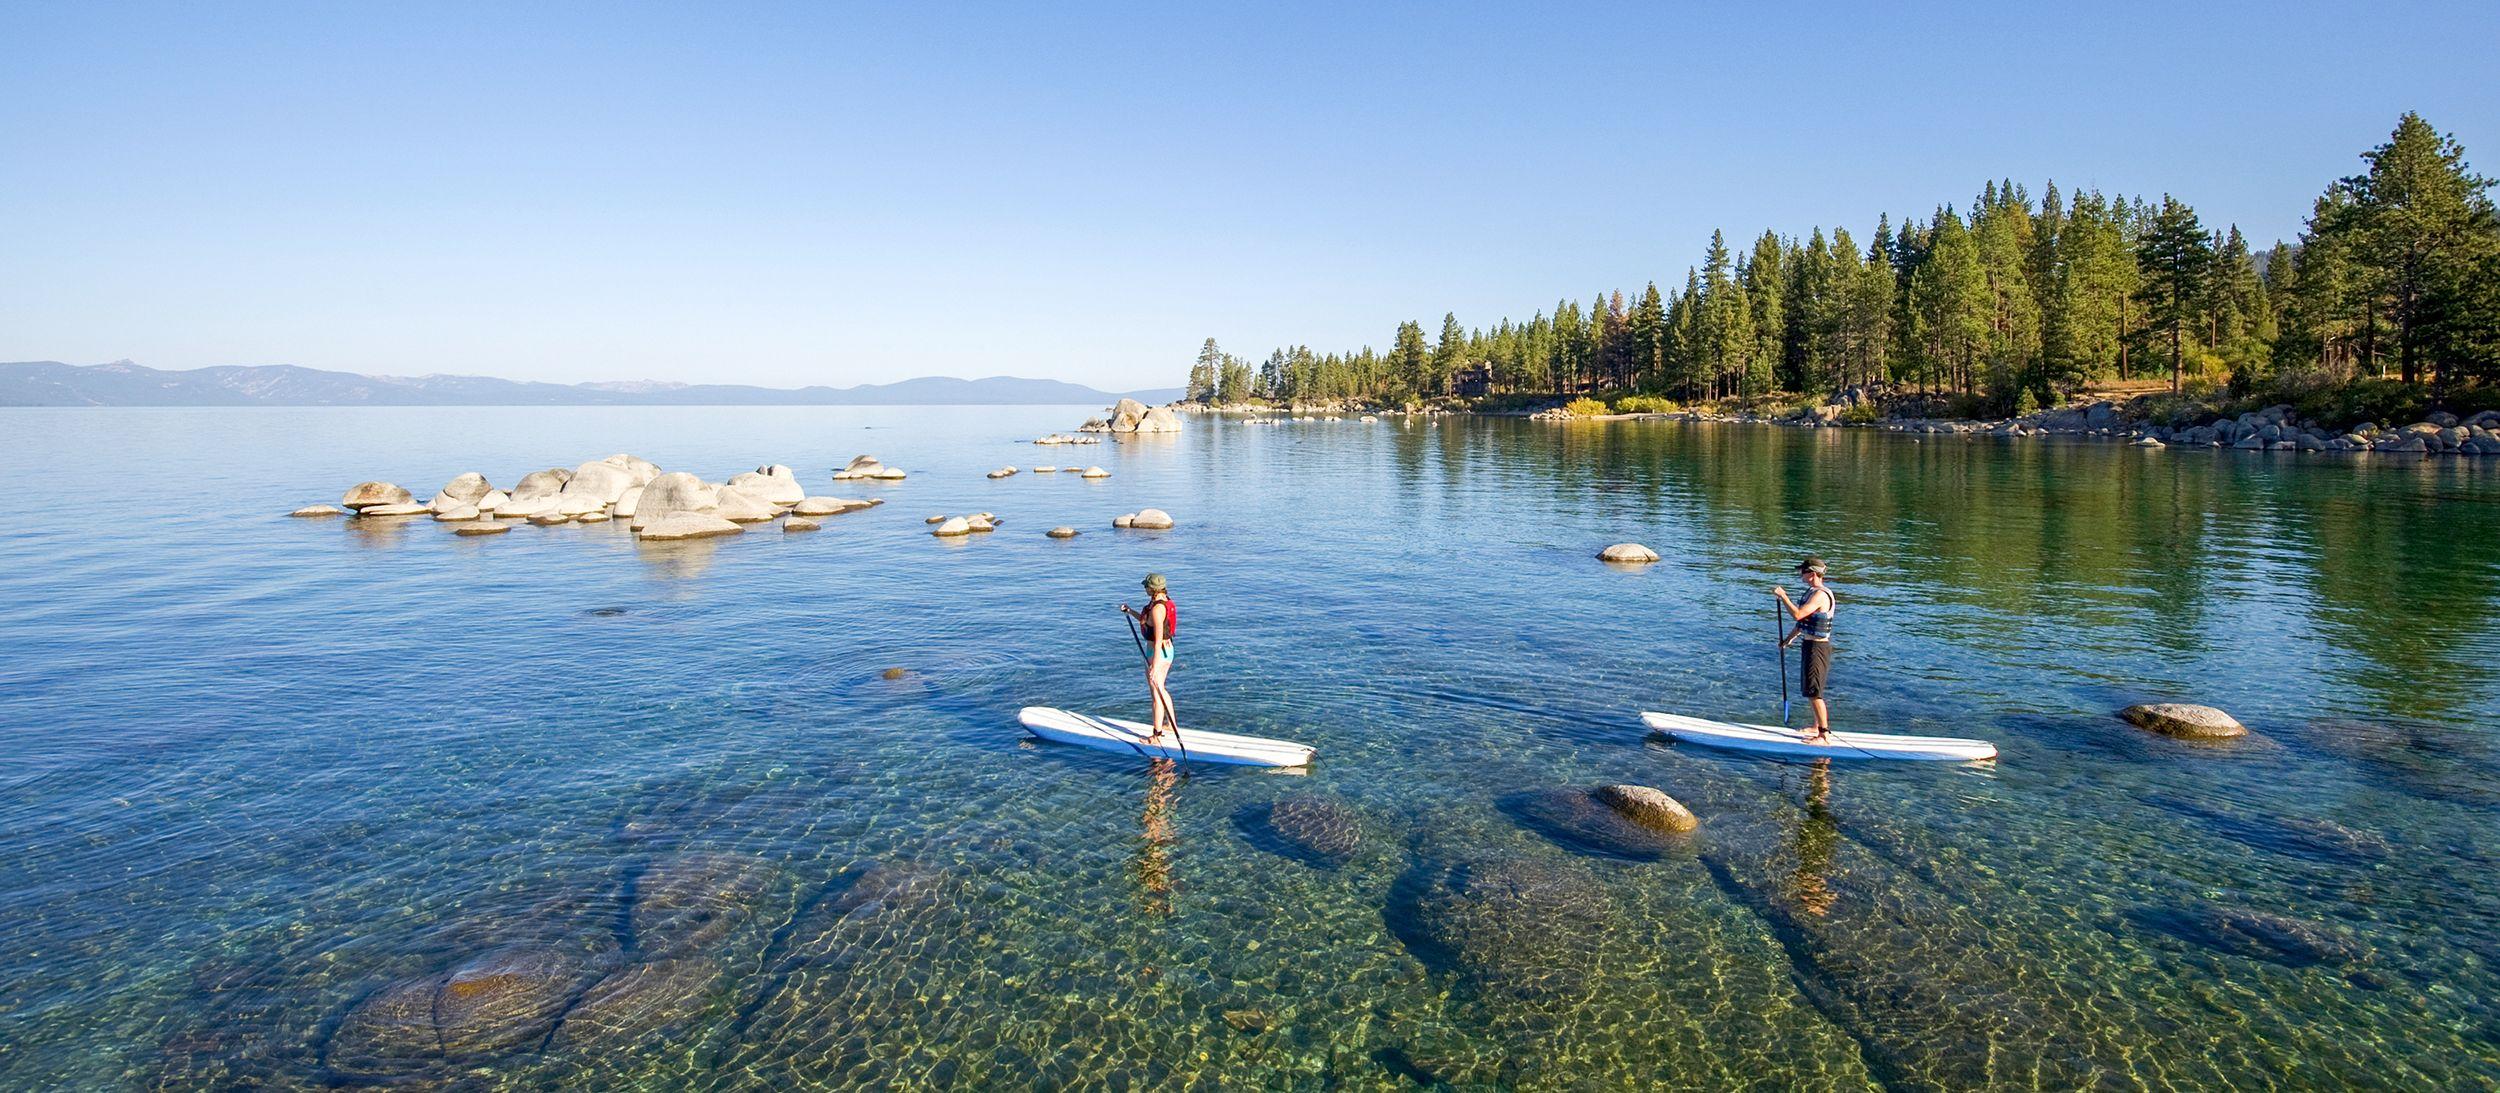 Die Zephyr Cove am Lake Tahoe in den USA